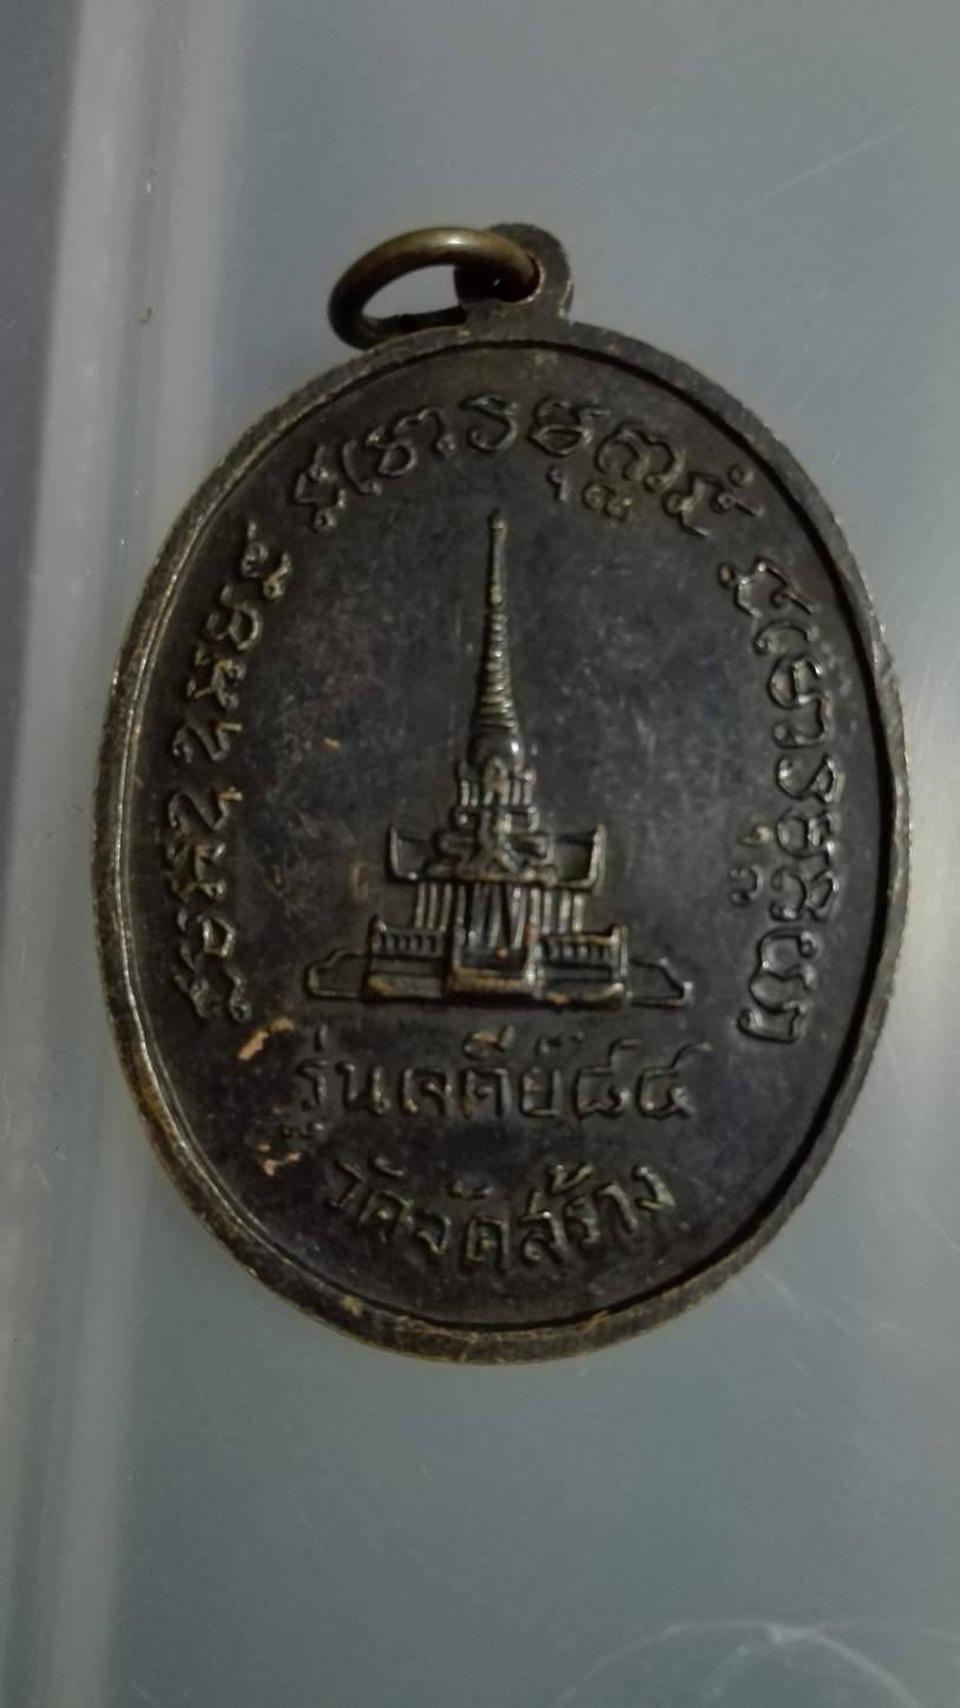 เหรียญหลวงปู่แหวน รุ่นเจดีย์84 ปี2517 วัดดอยแม่ปั๋ง เนื้อนวโลหะ รูปที่ 4